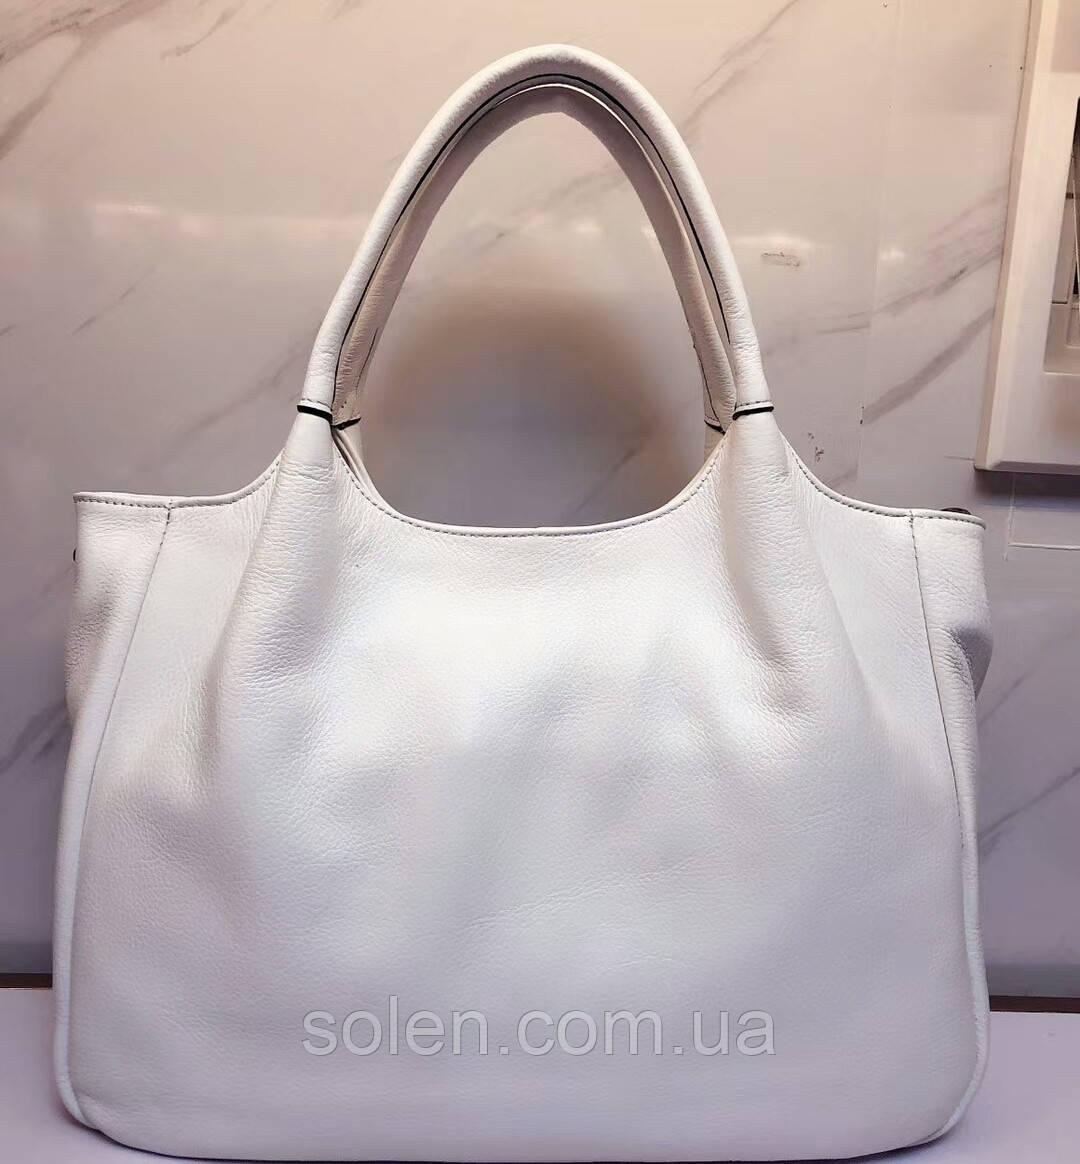 Стильная кожаная сумка . Женская сумка из натуральной кожи. Сумка саквояж. Красивая сумка. Женская сумка.